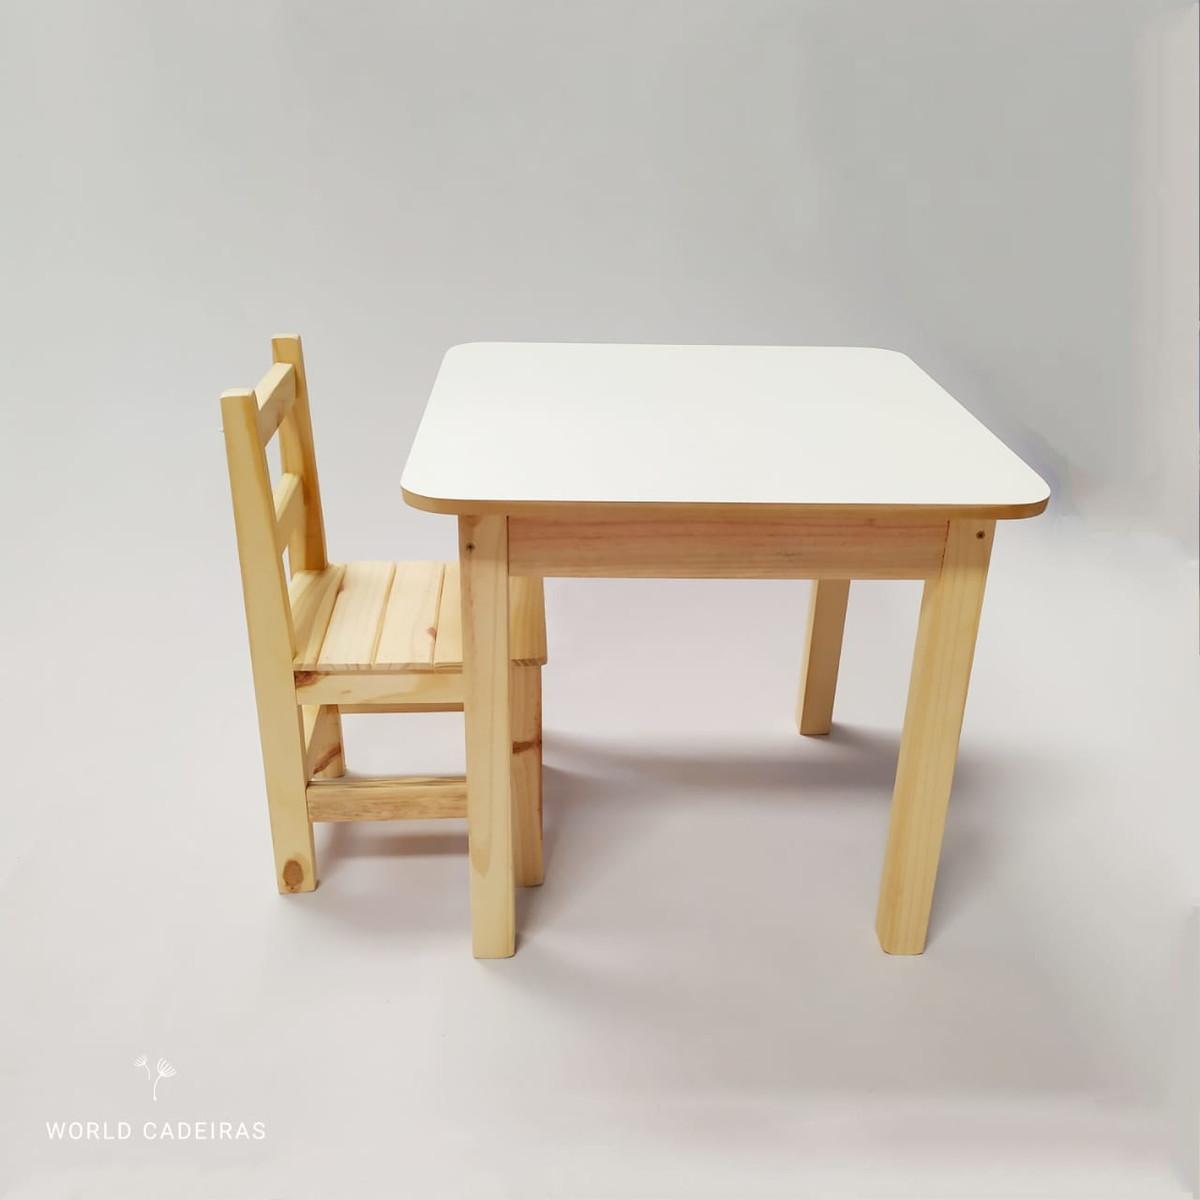 Mesa Infantil Com 1 Cadeiras De Madeira Macica Forte 80 Kg No Elo7 World Cadeiras 1218dbd